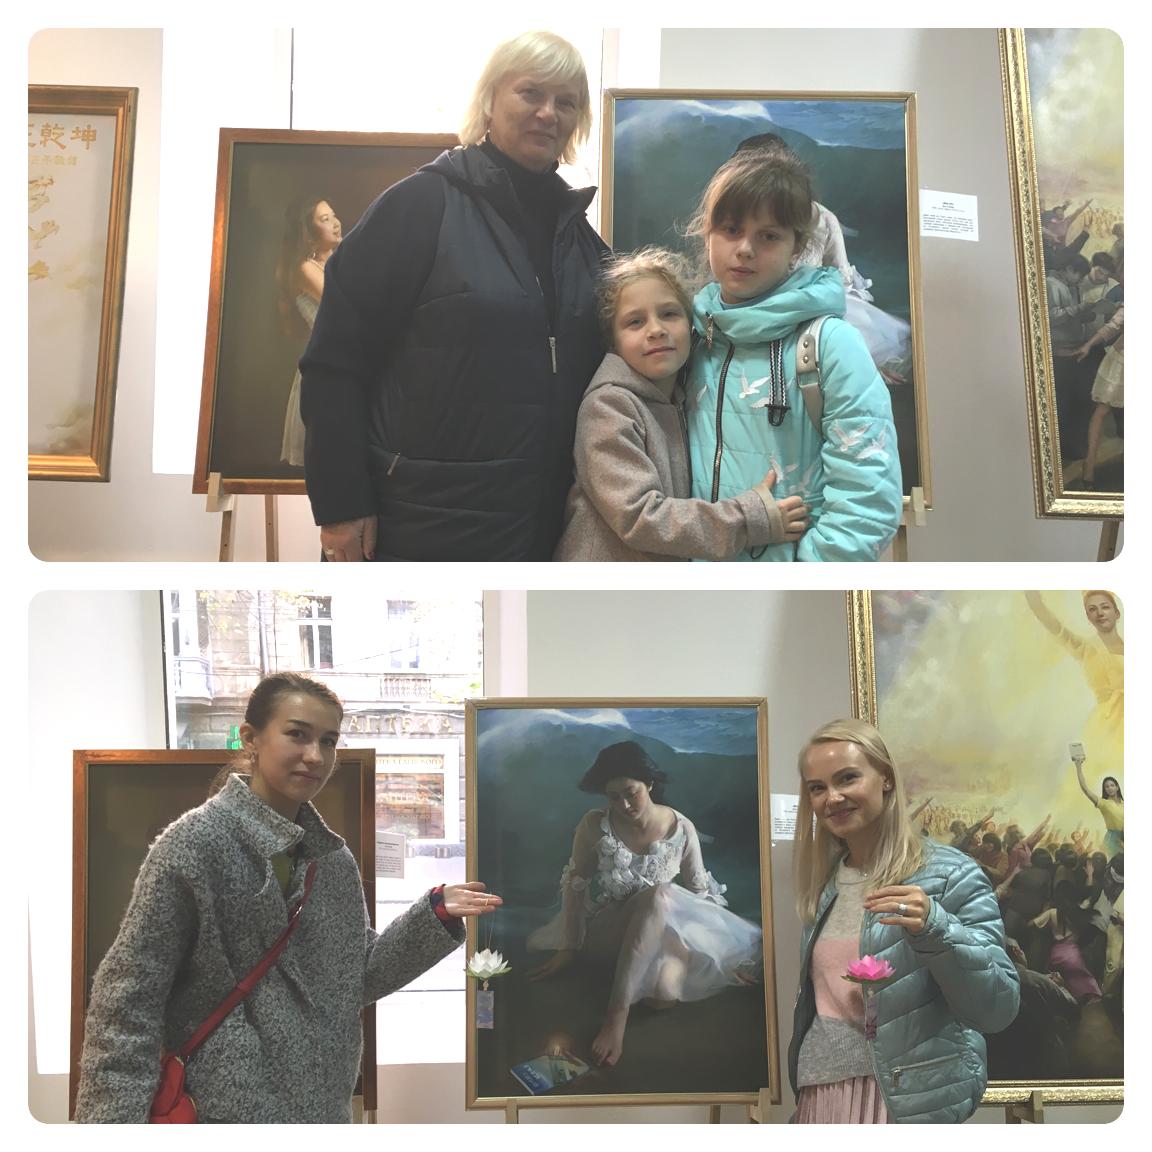 Відвідувачі виставки: Людмила з онукою Богданою (в центрі) та її подругою Танею (праворуч); Ніна (ліворуч) з подругою Іриною (праворуч)